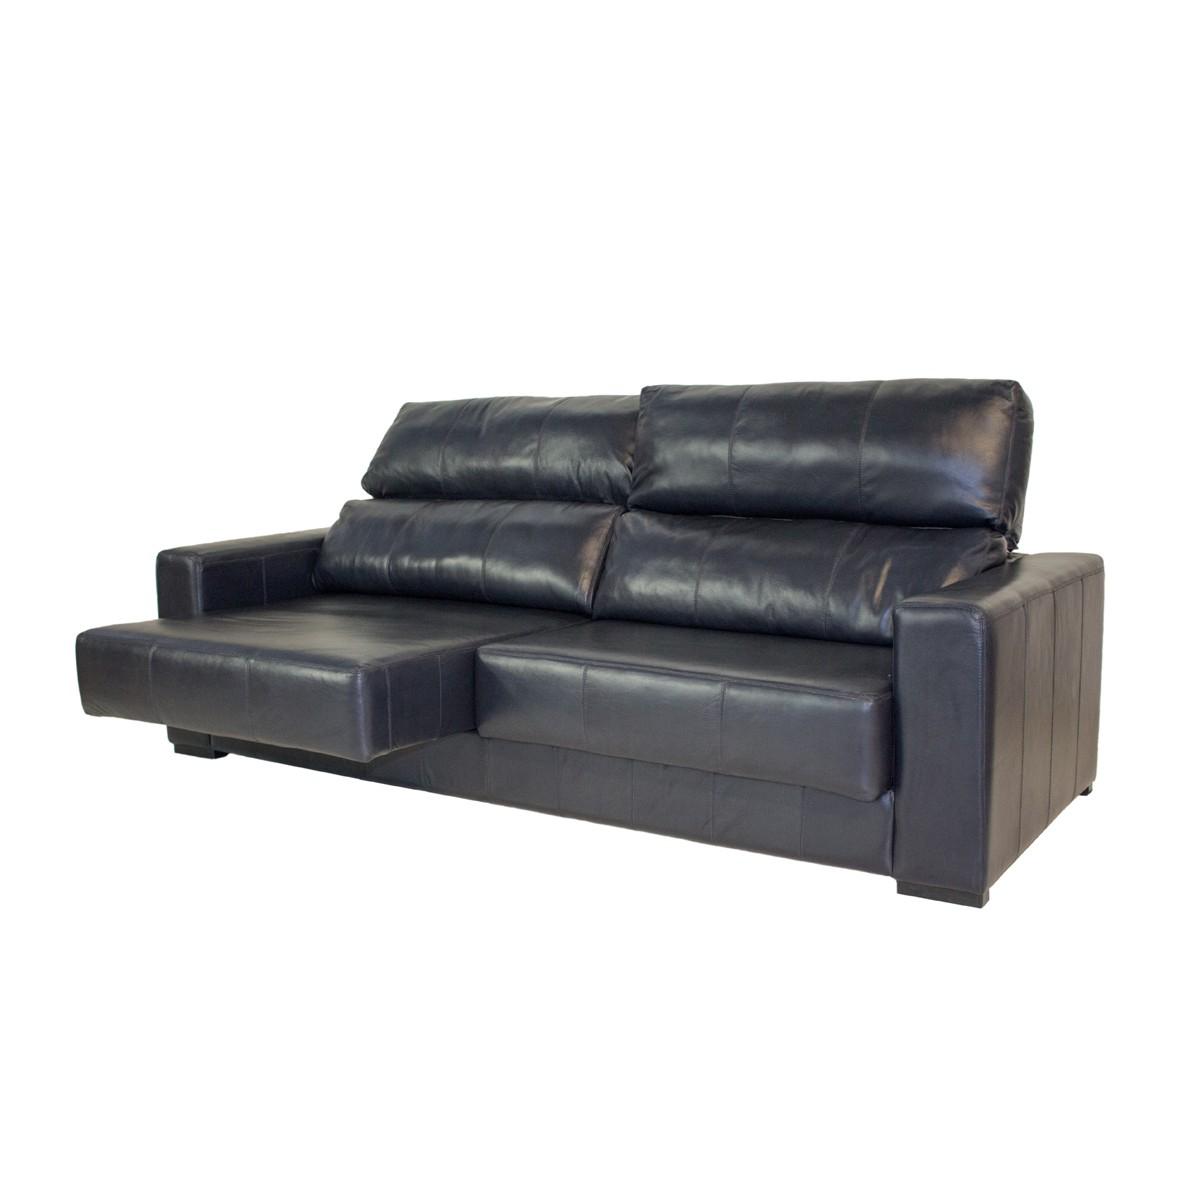 Sofá H900 (Retrátil e reclinável) (B)